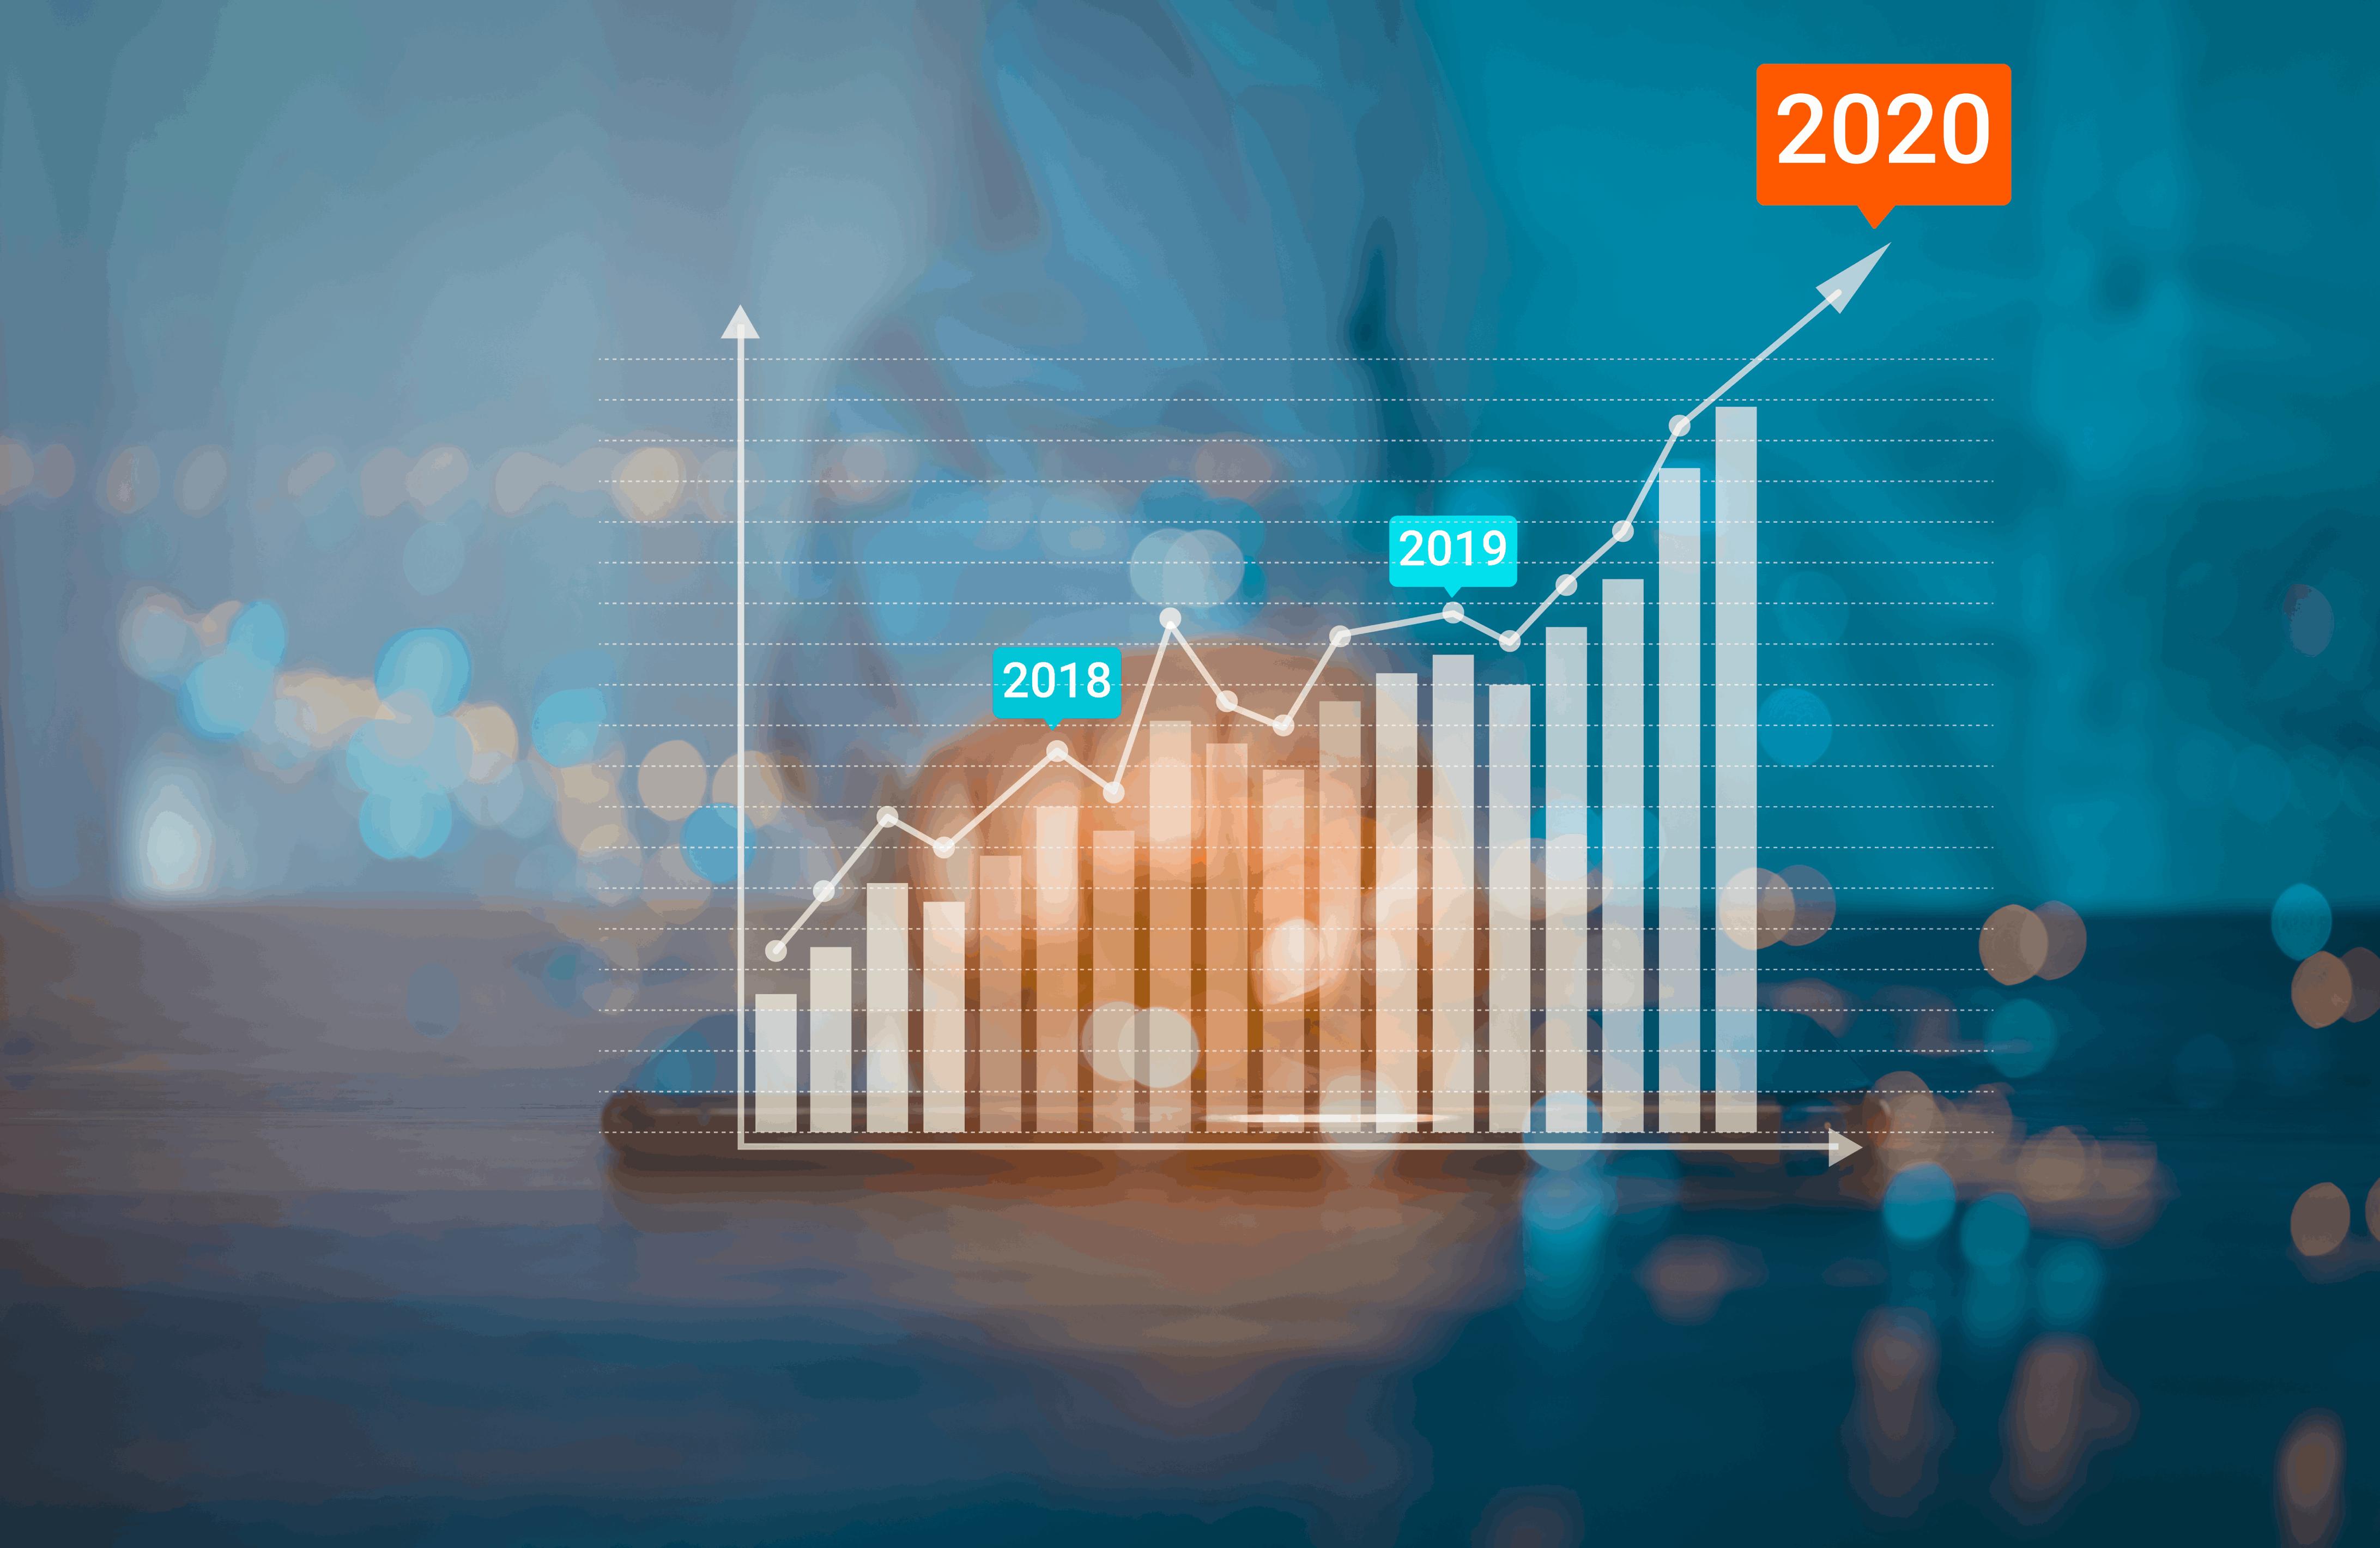 Dicas de negócios lucrativos para investir em 2020